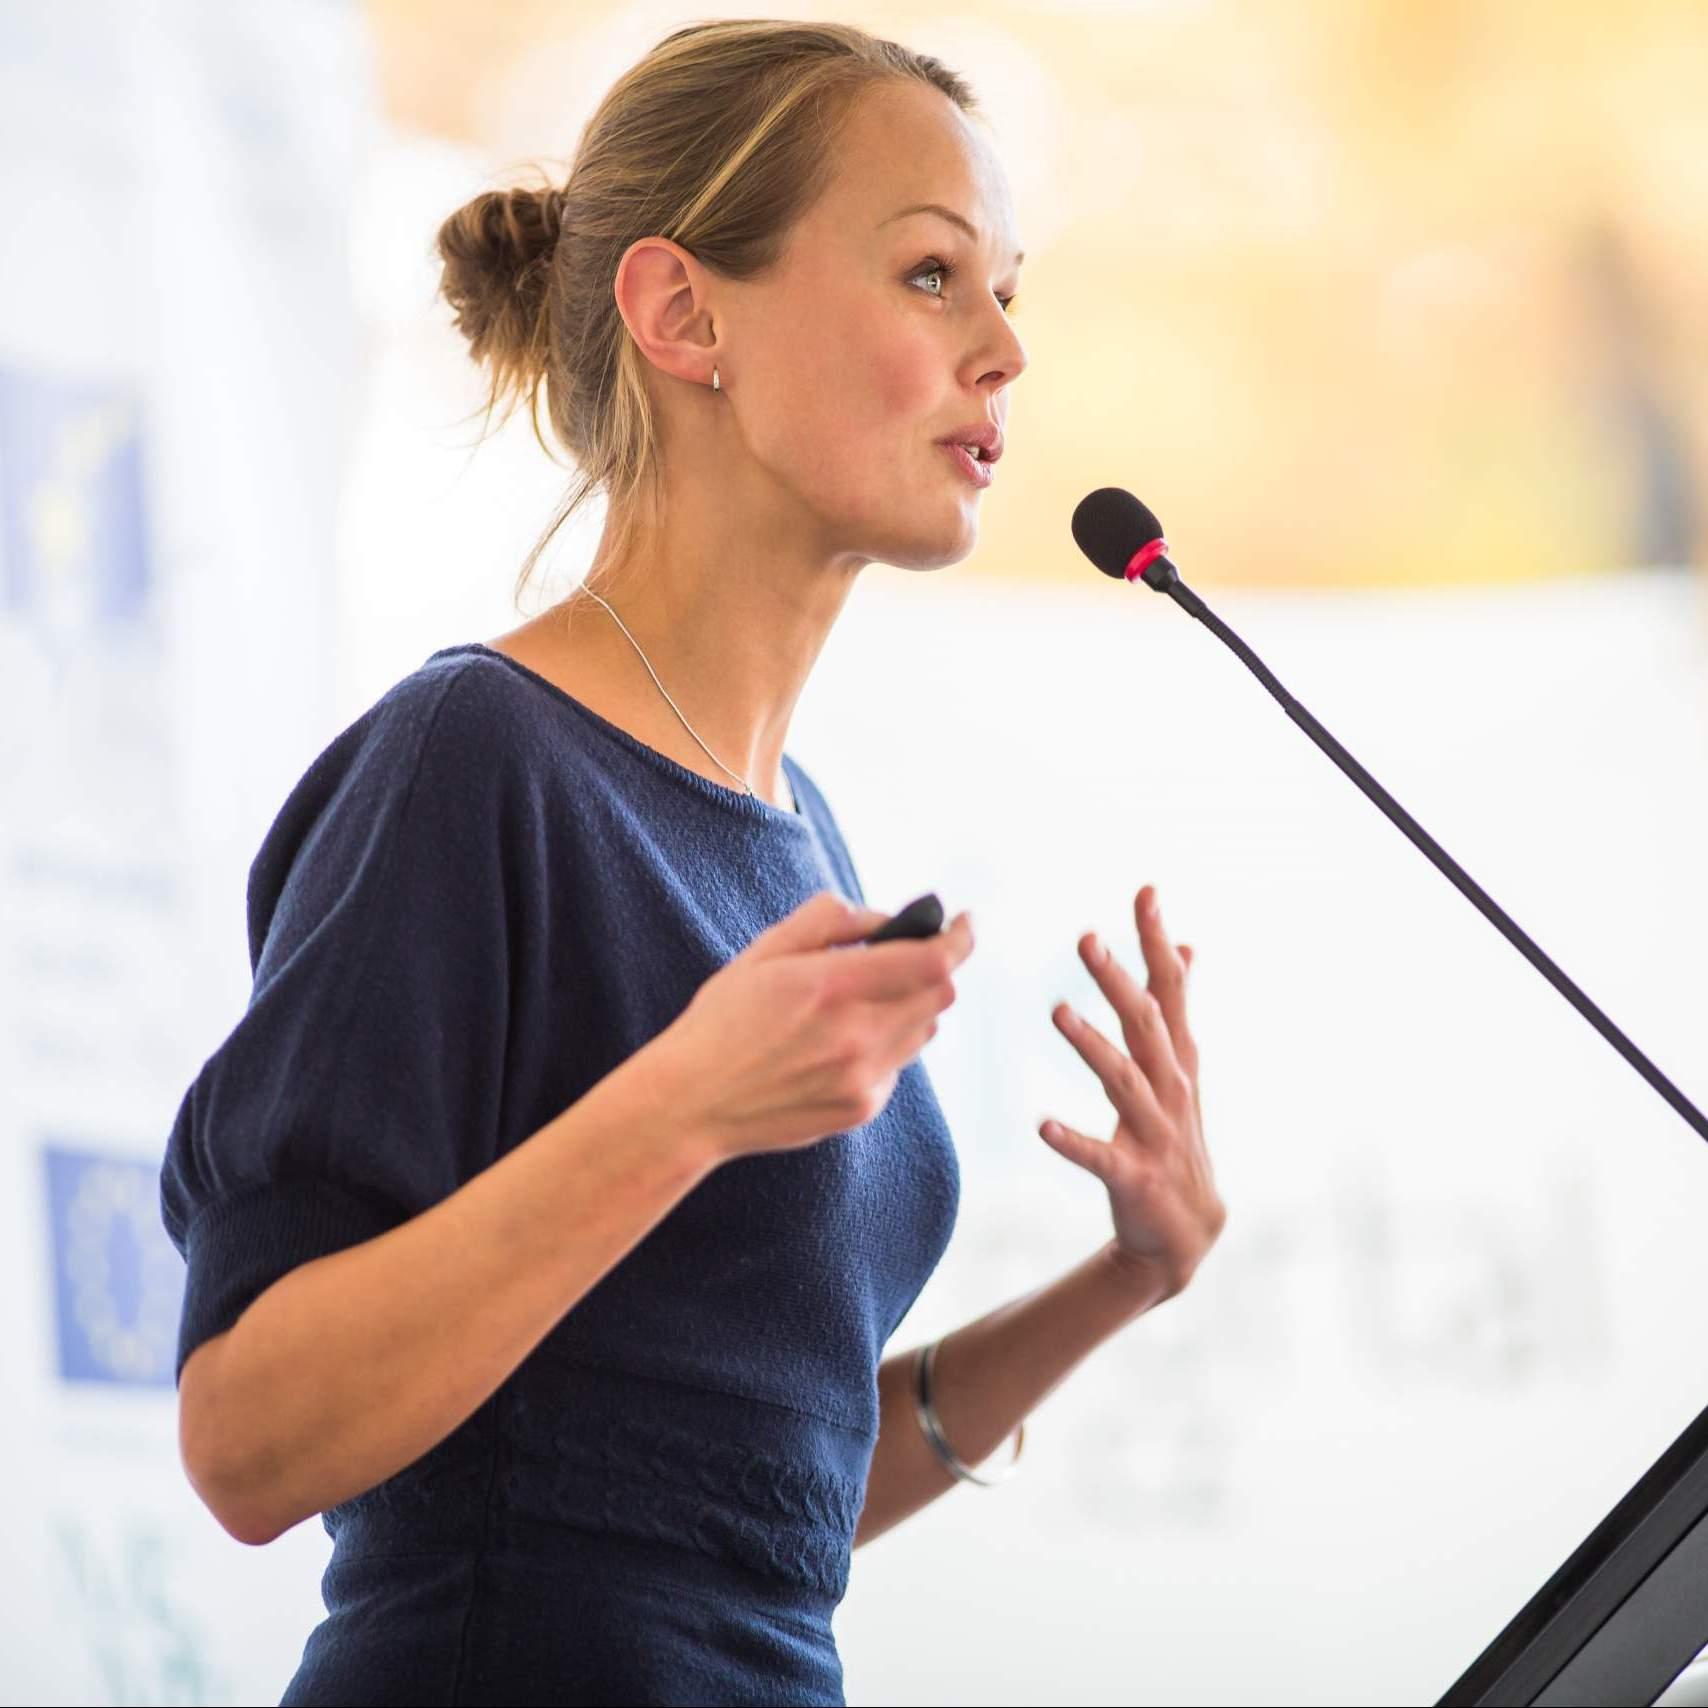 Die Macht der Stimme und des Sprechens